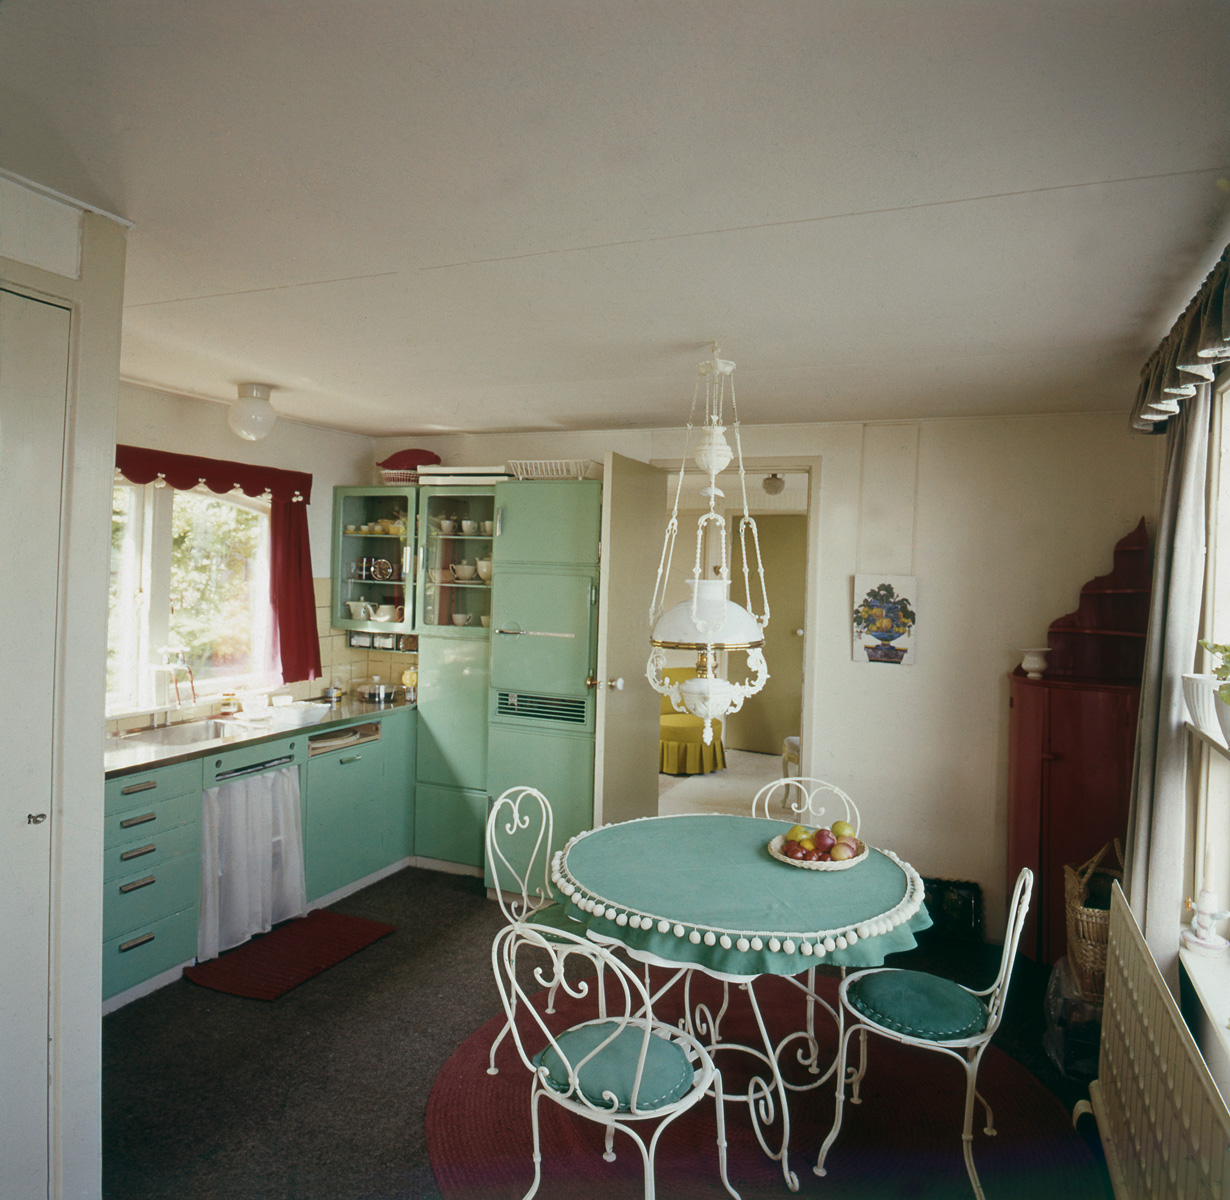 Woonarken woonschepen de keuken koelkast en eettafel in pastel groen de woonboot van fam - Koelkast groen ...